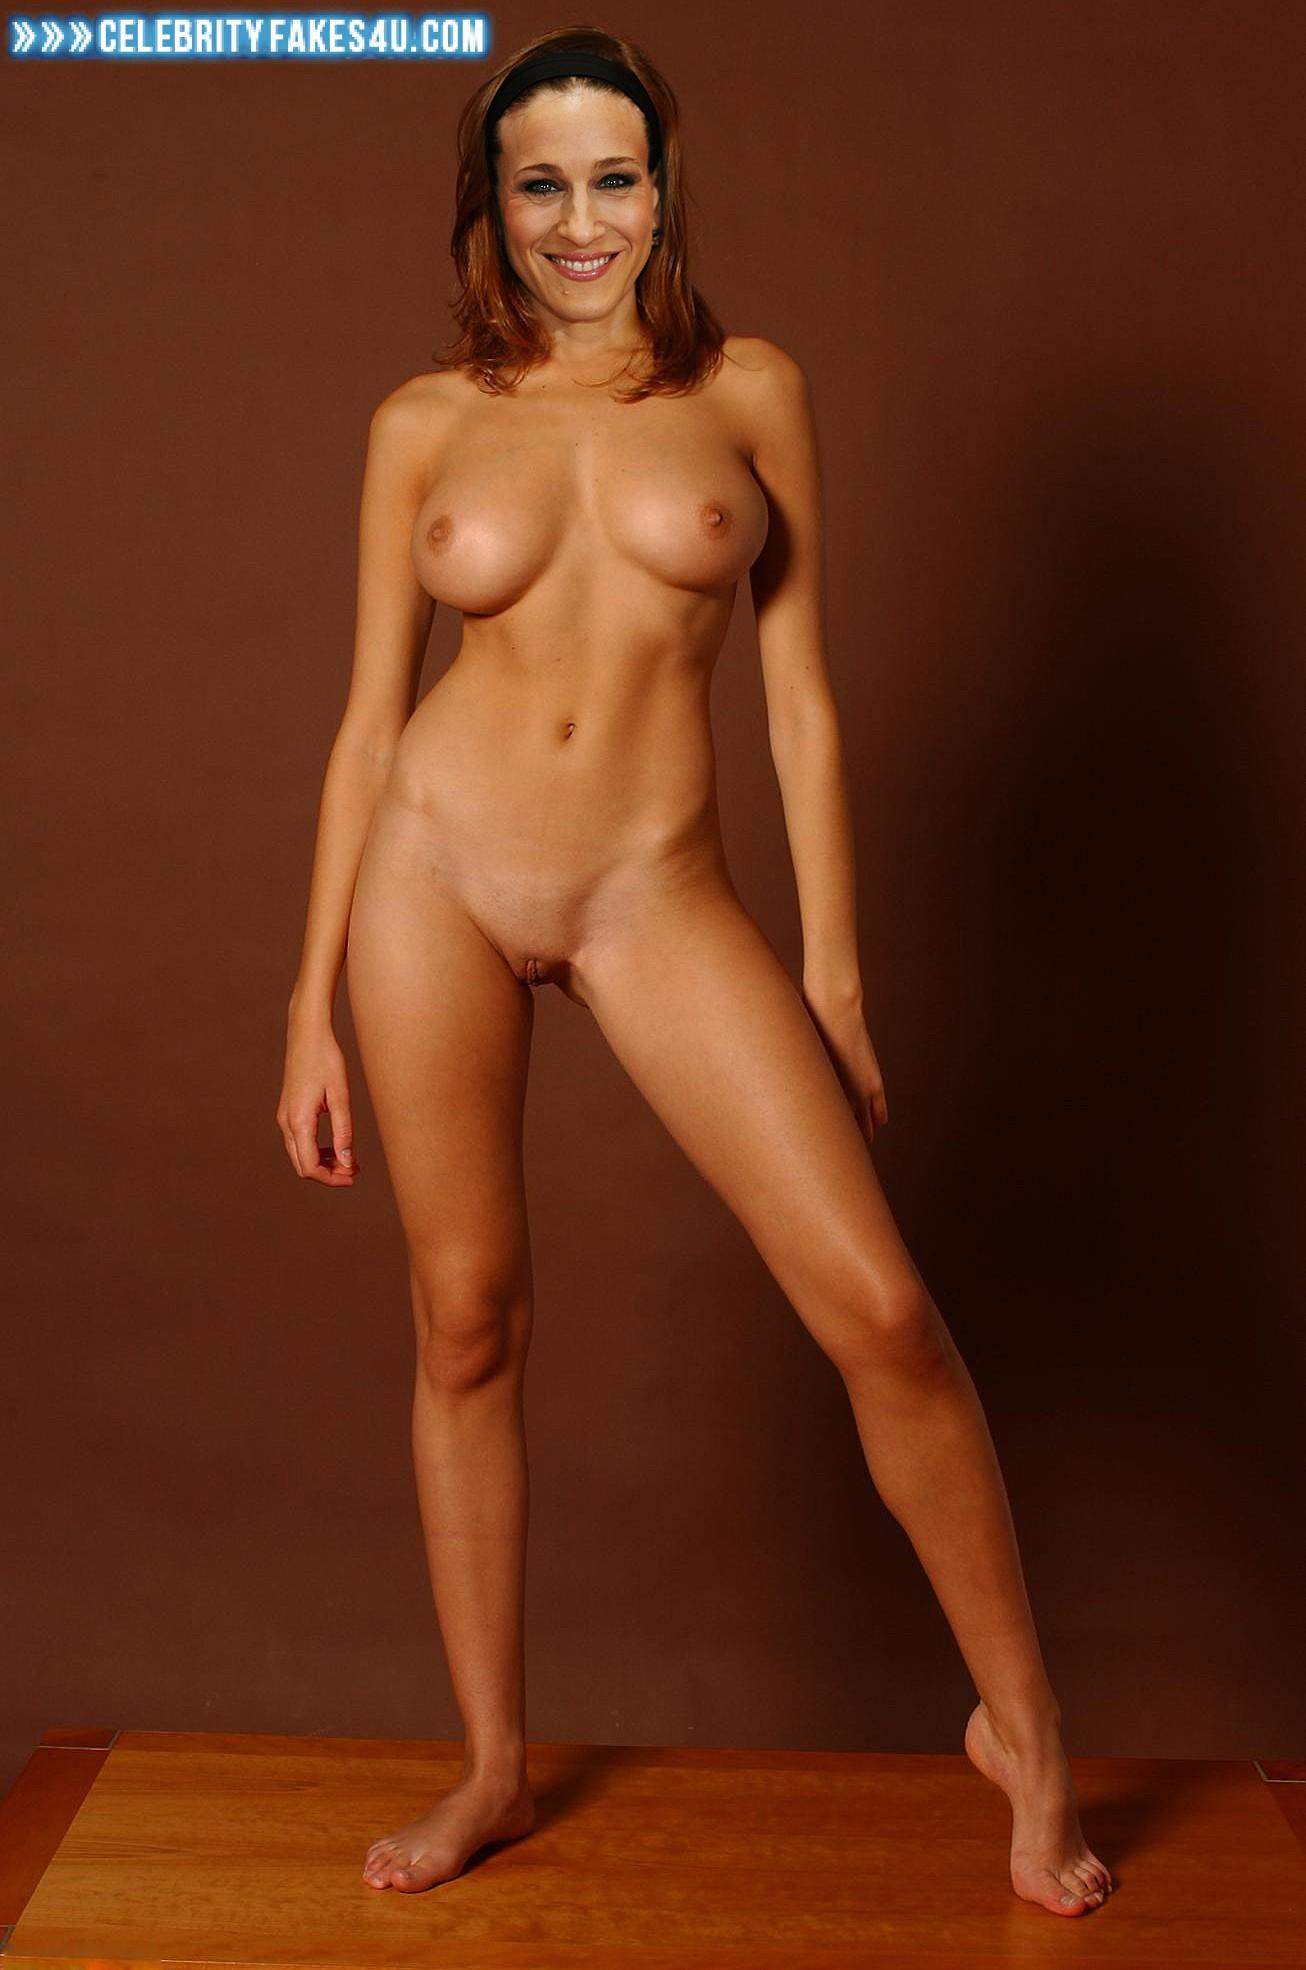 Jessica parker nude fake